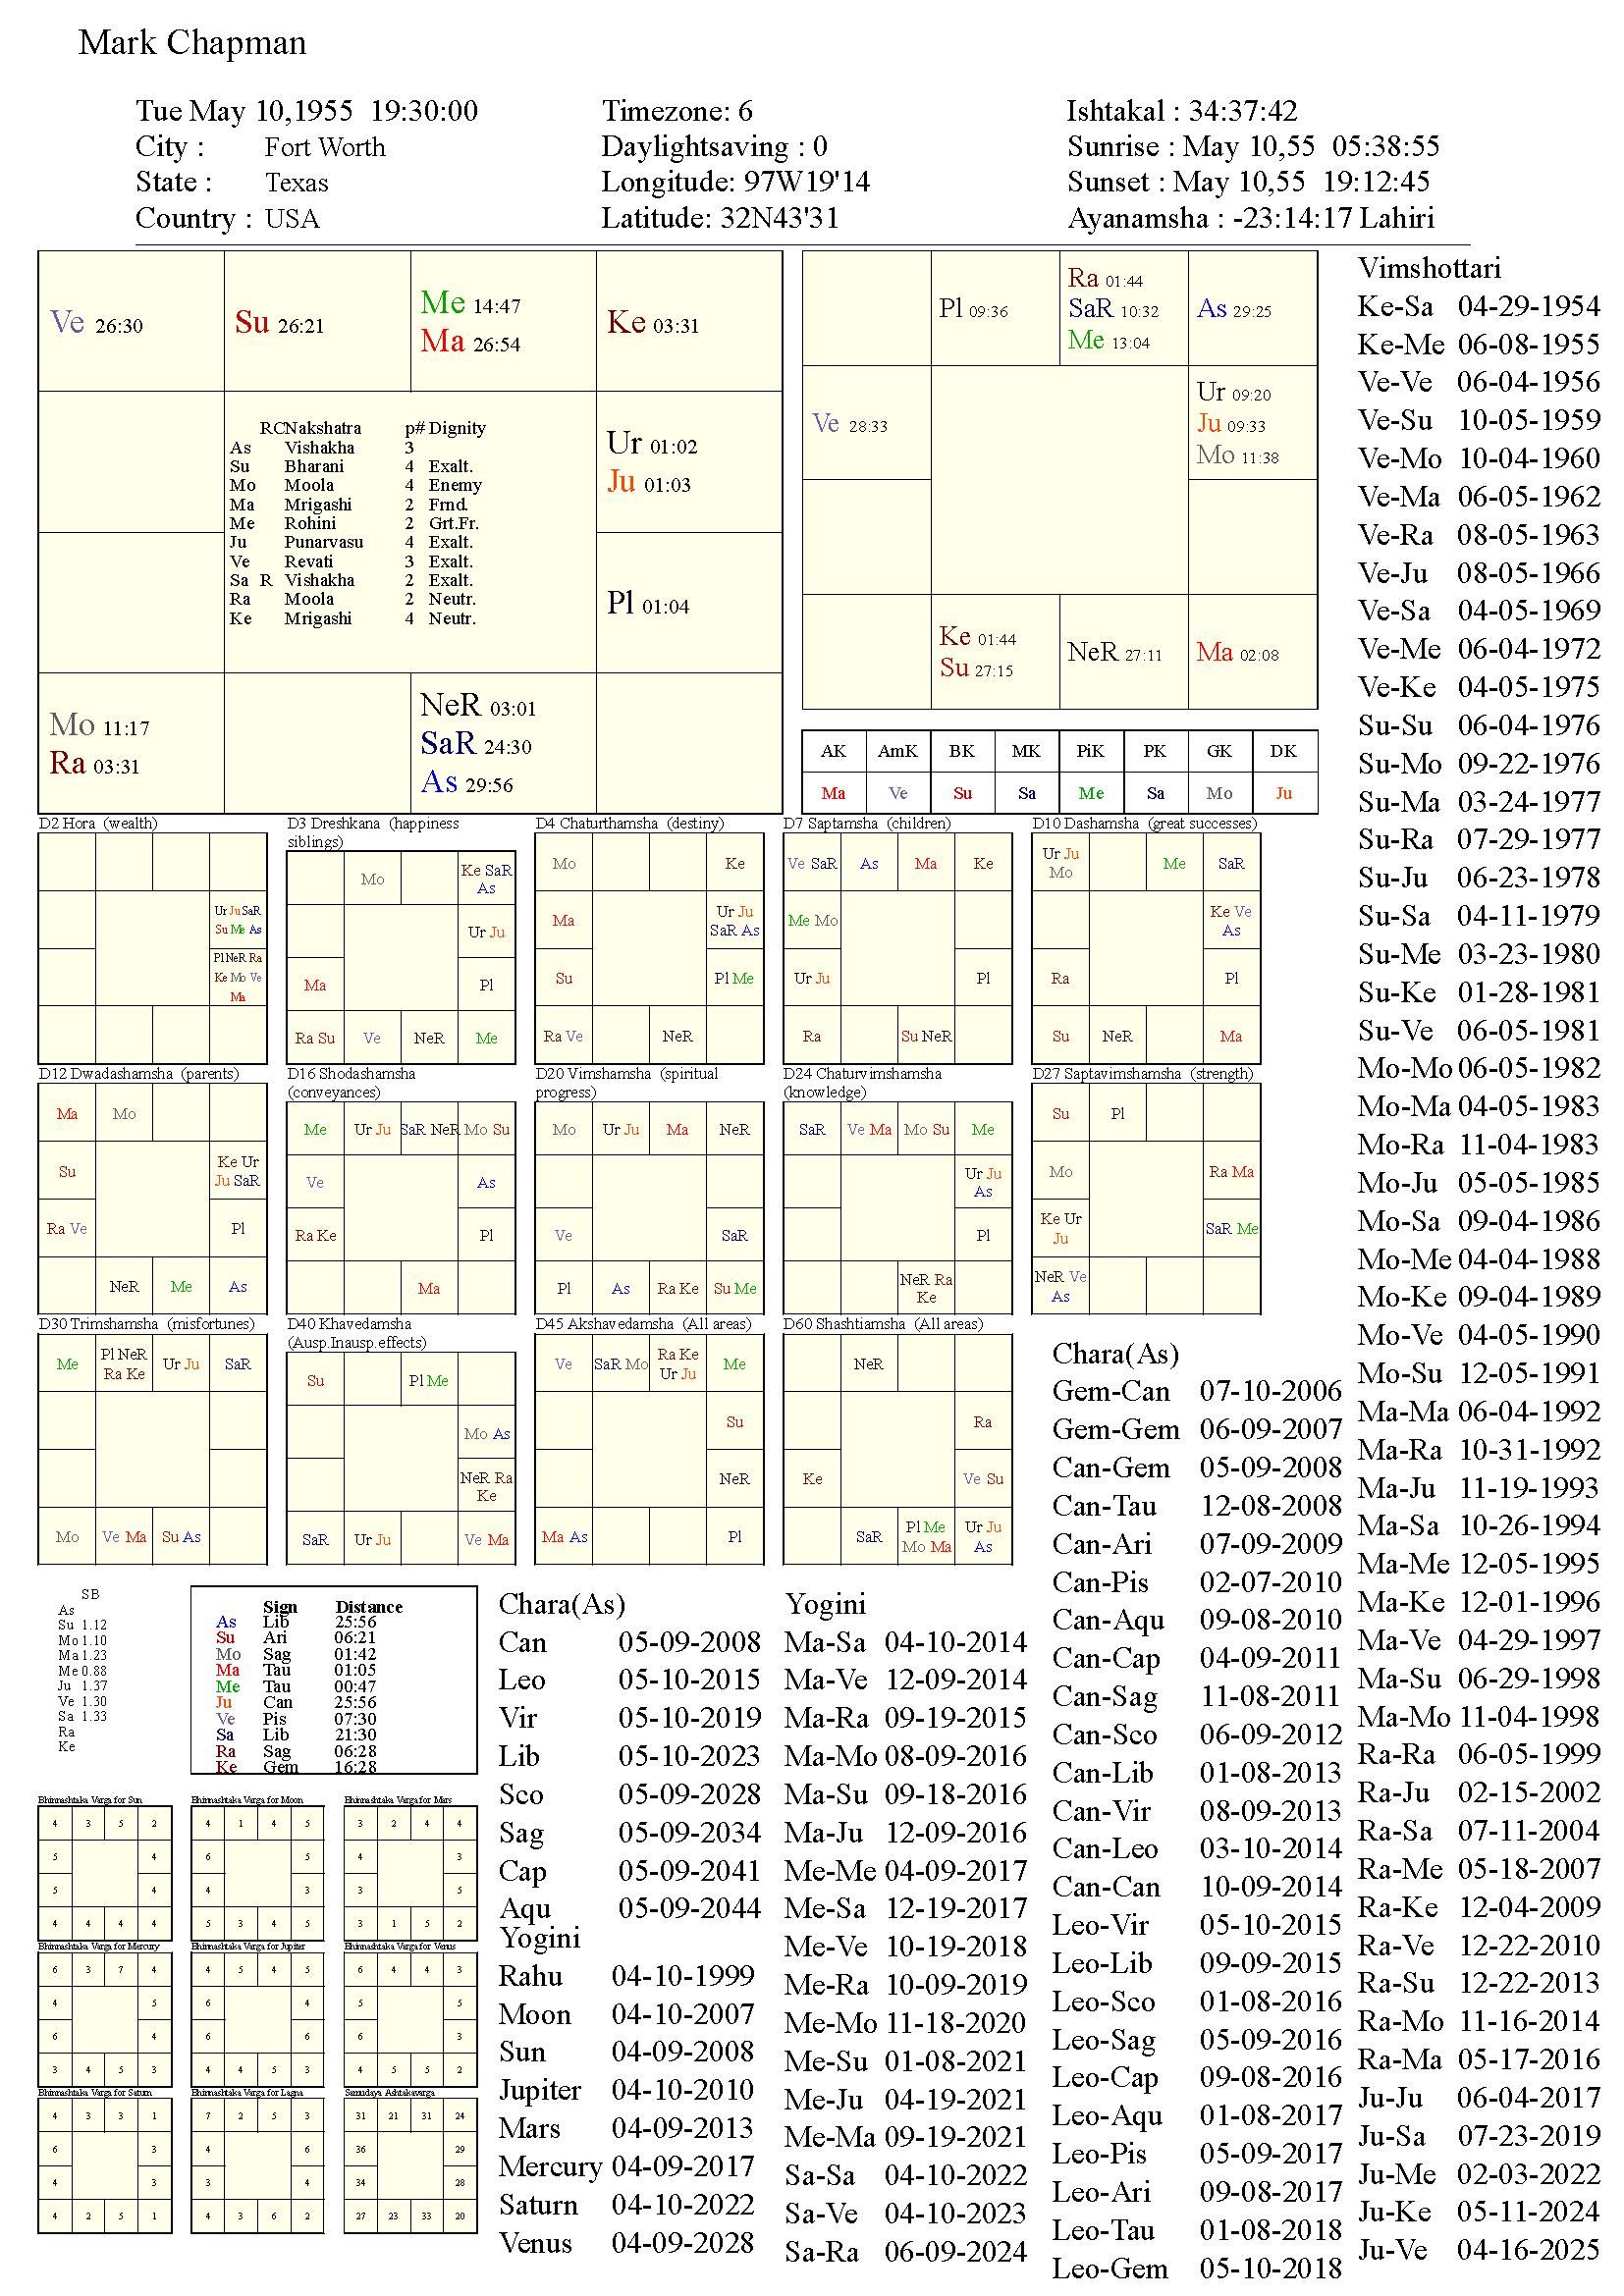 markchapman_chart